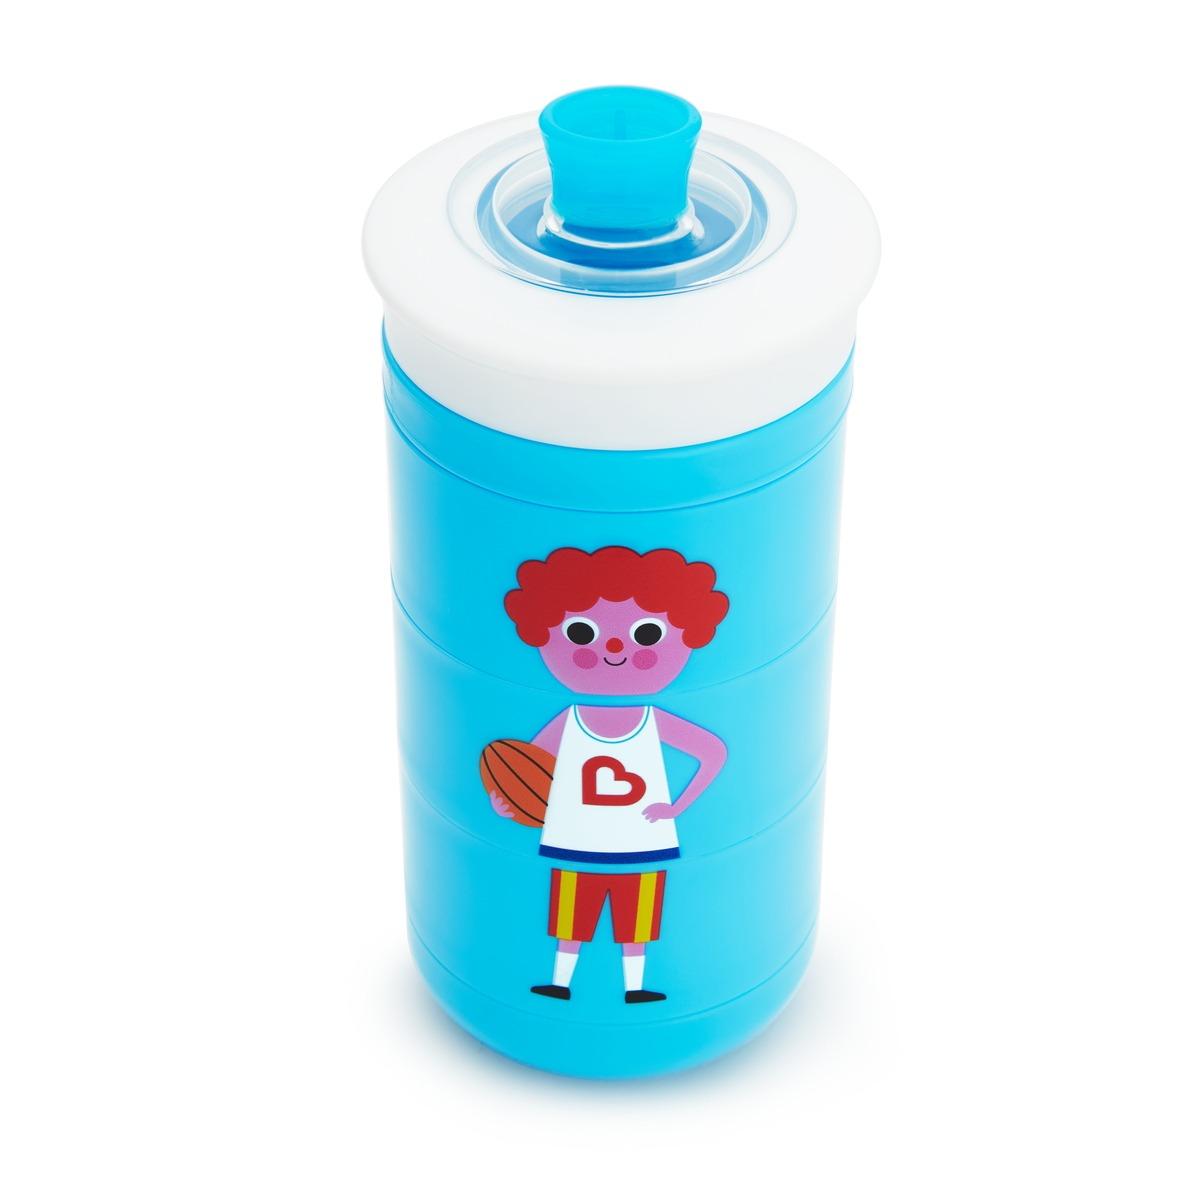 Ποτήρι με στόμιο, Twisty sippy cup 260ml - Munchkin